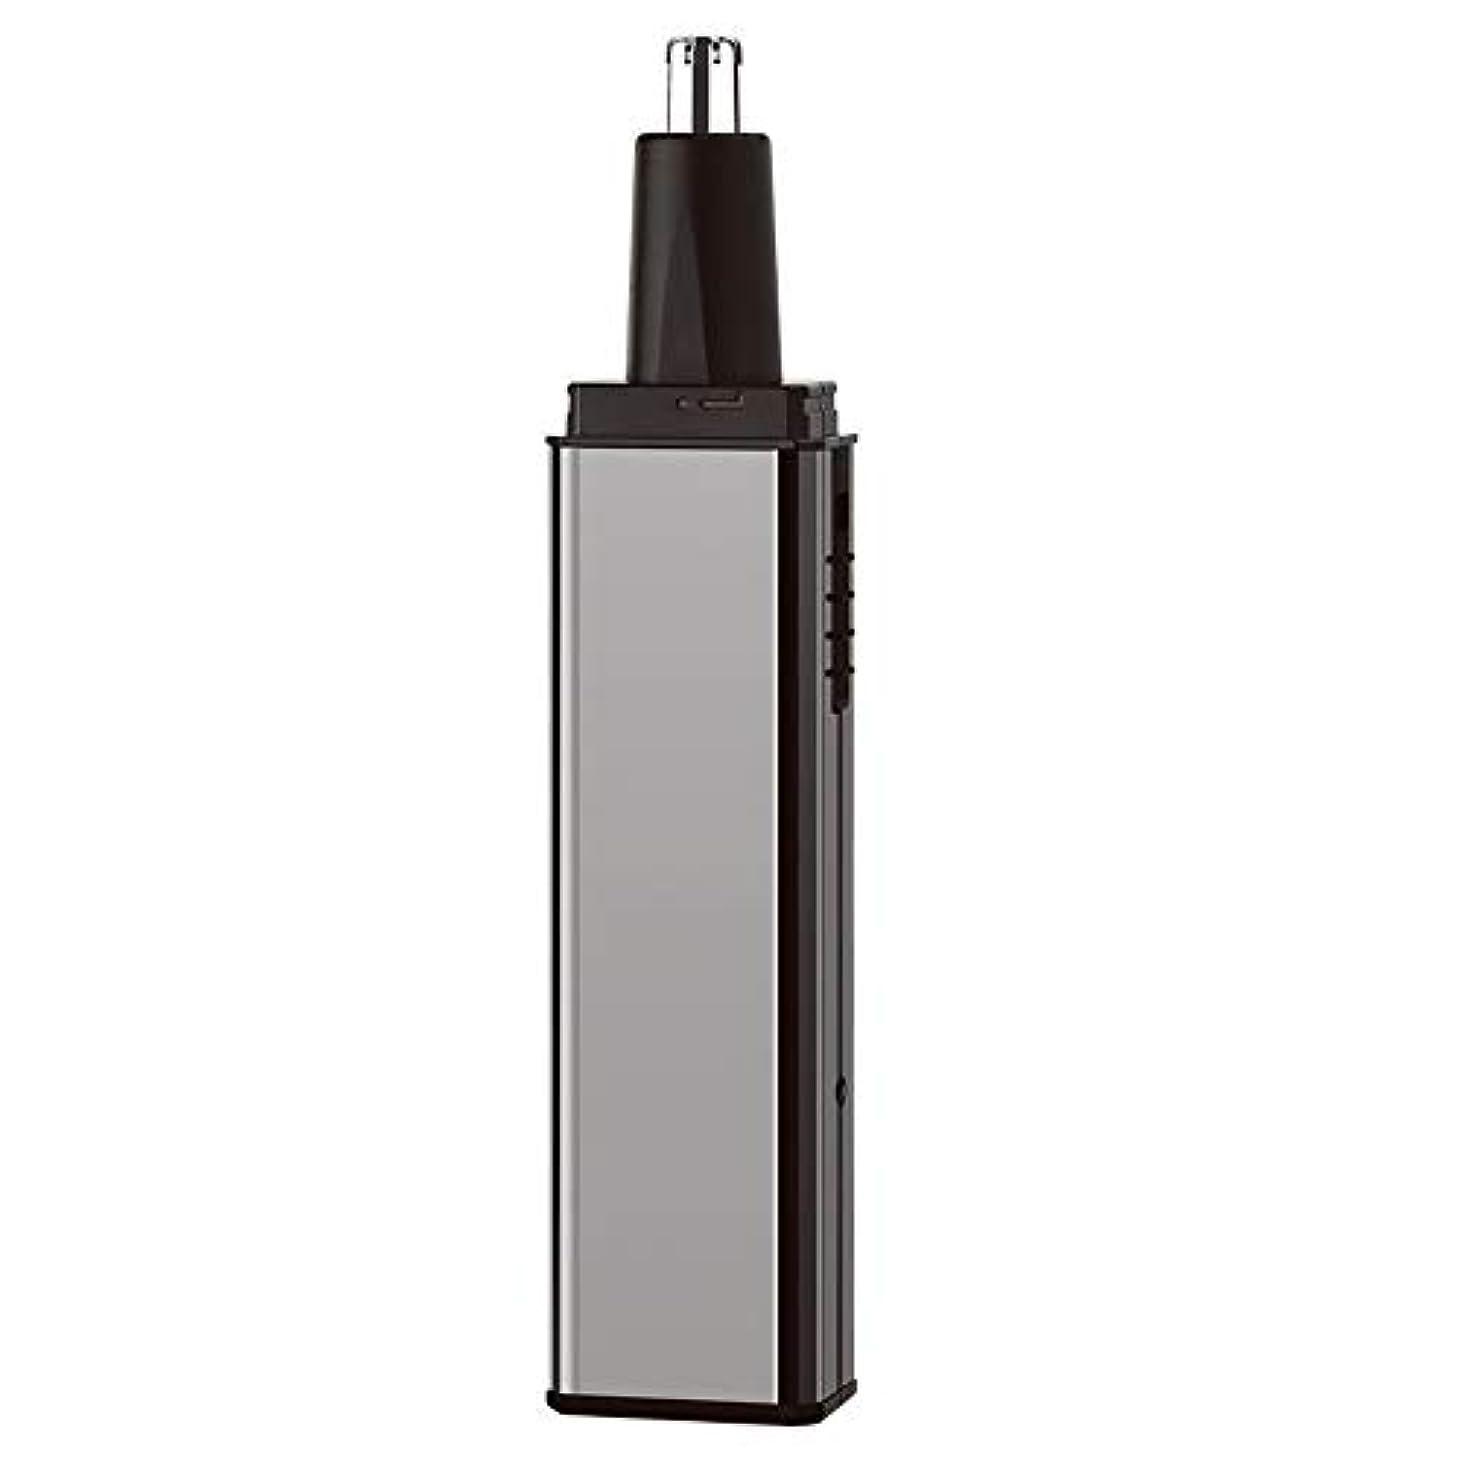 損なう感謝するウォルターカニンガム鼻毛トリマー-多機能スーツフォーインワン/電気鼻毛トリマー/ステンレススチール/多機能/ 13.5 * 2.7cm 使いやすい